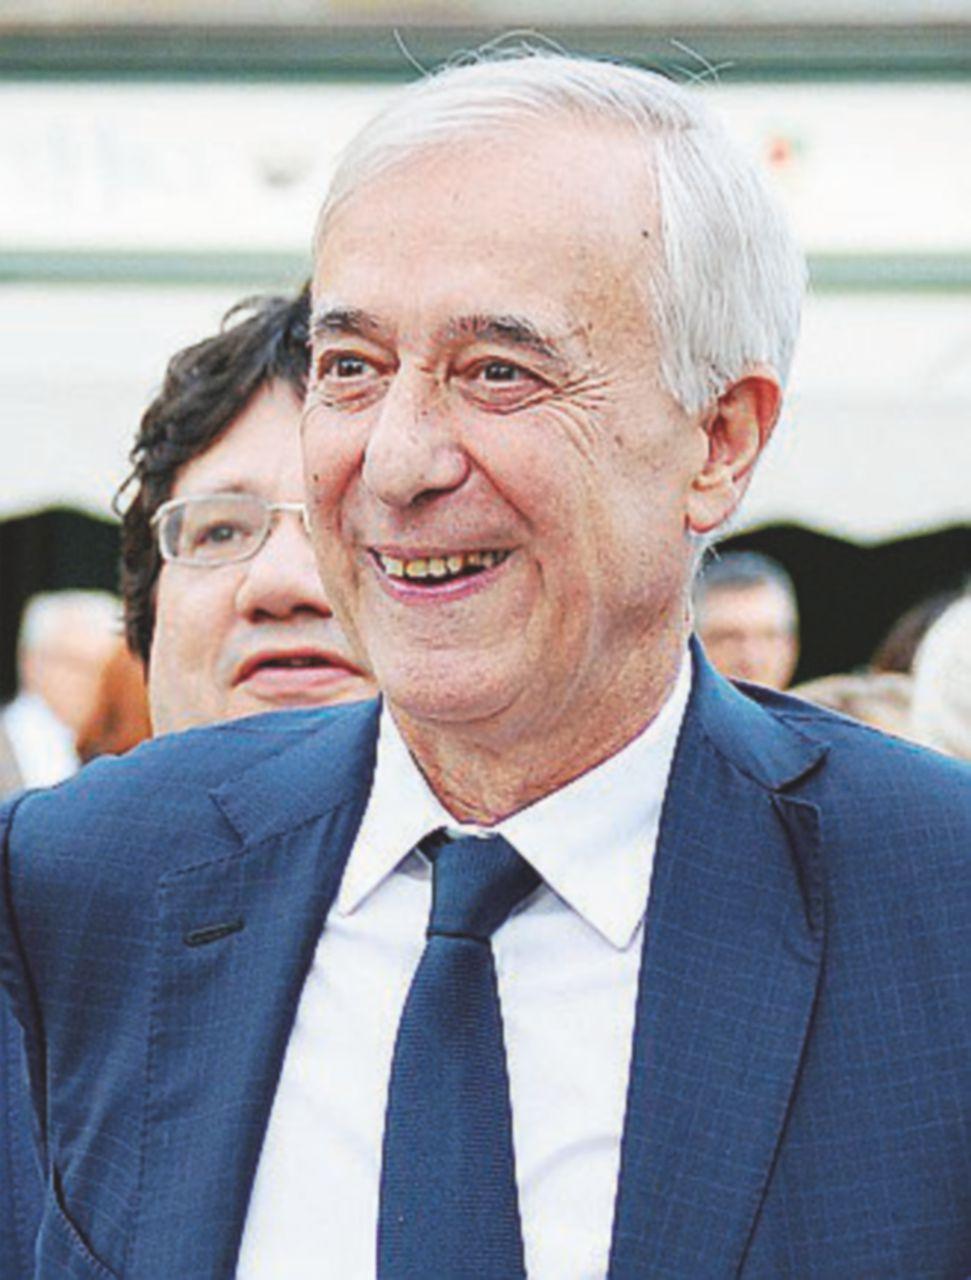 """Pisapia: """"Il Professore apprezza il mio Campo progressista"""""""